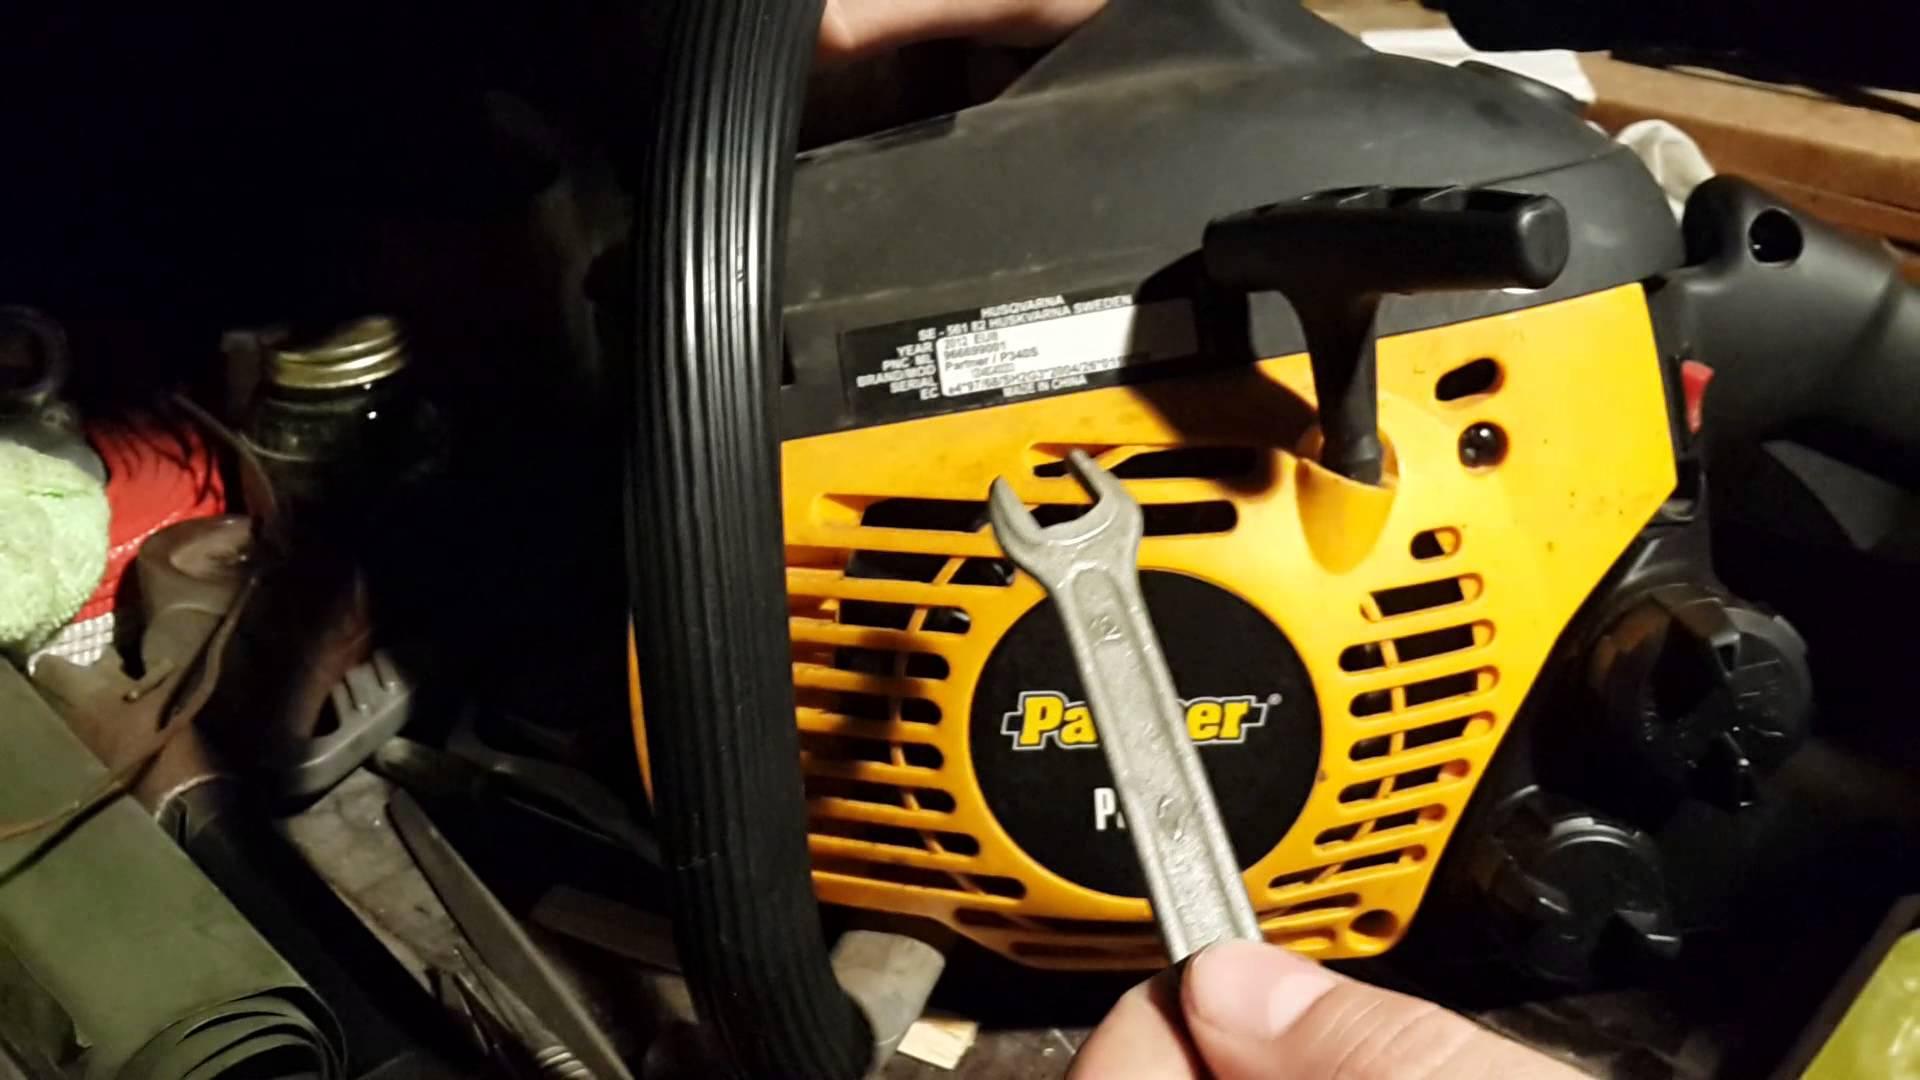 Бензопила «партнер» 350: устройство, характеристики, ремонт своими руками